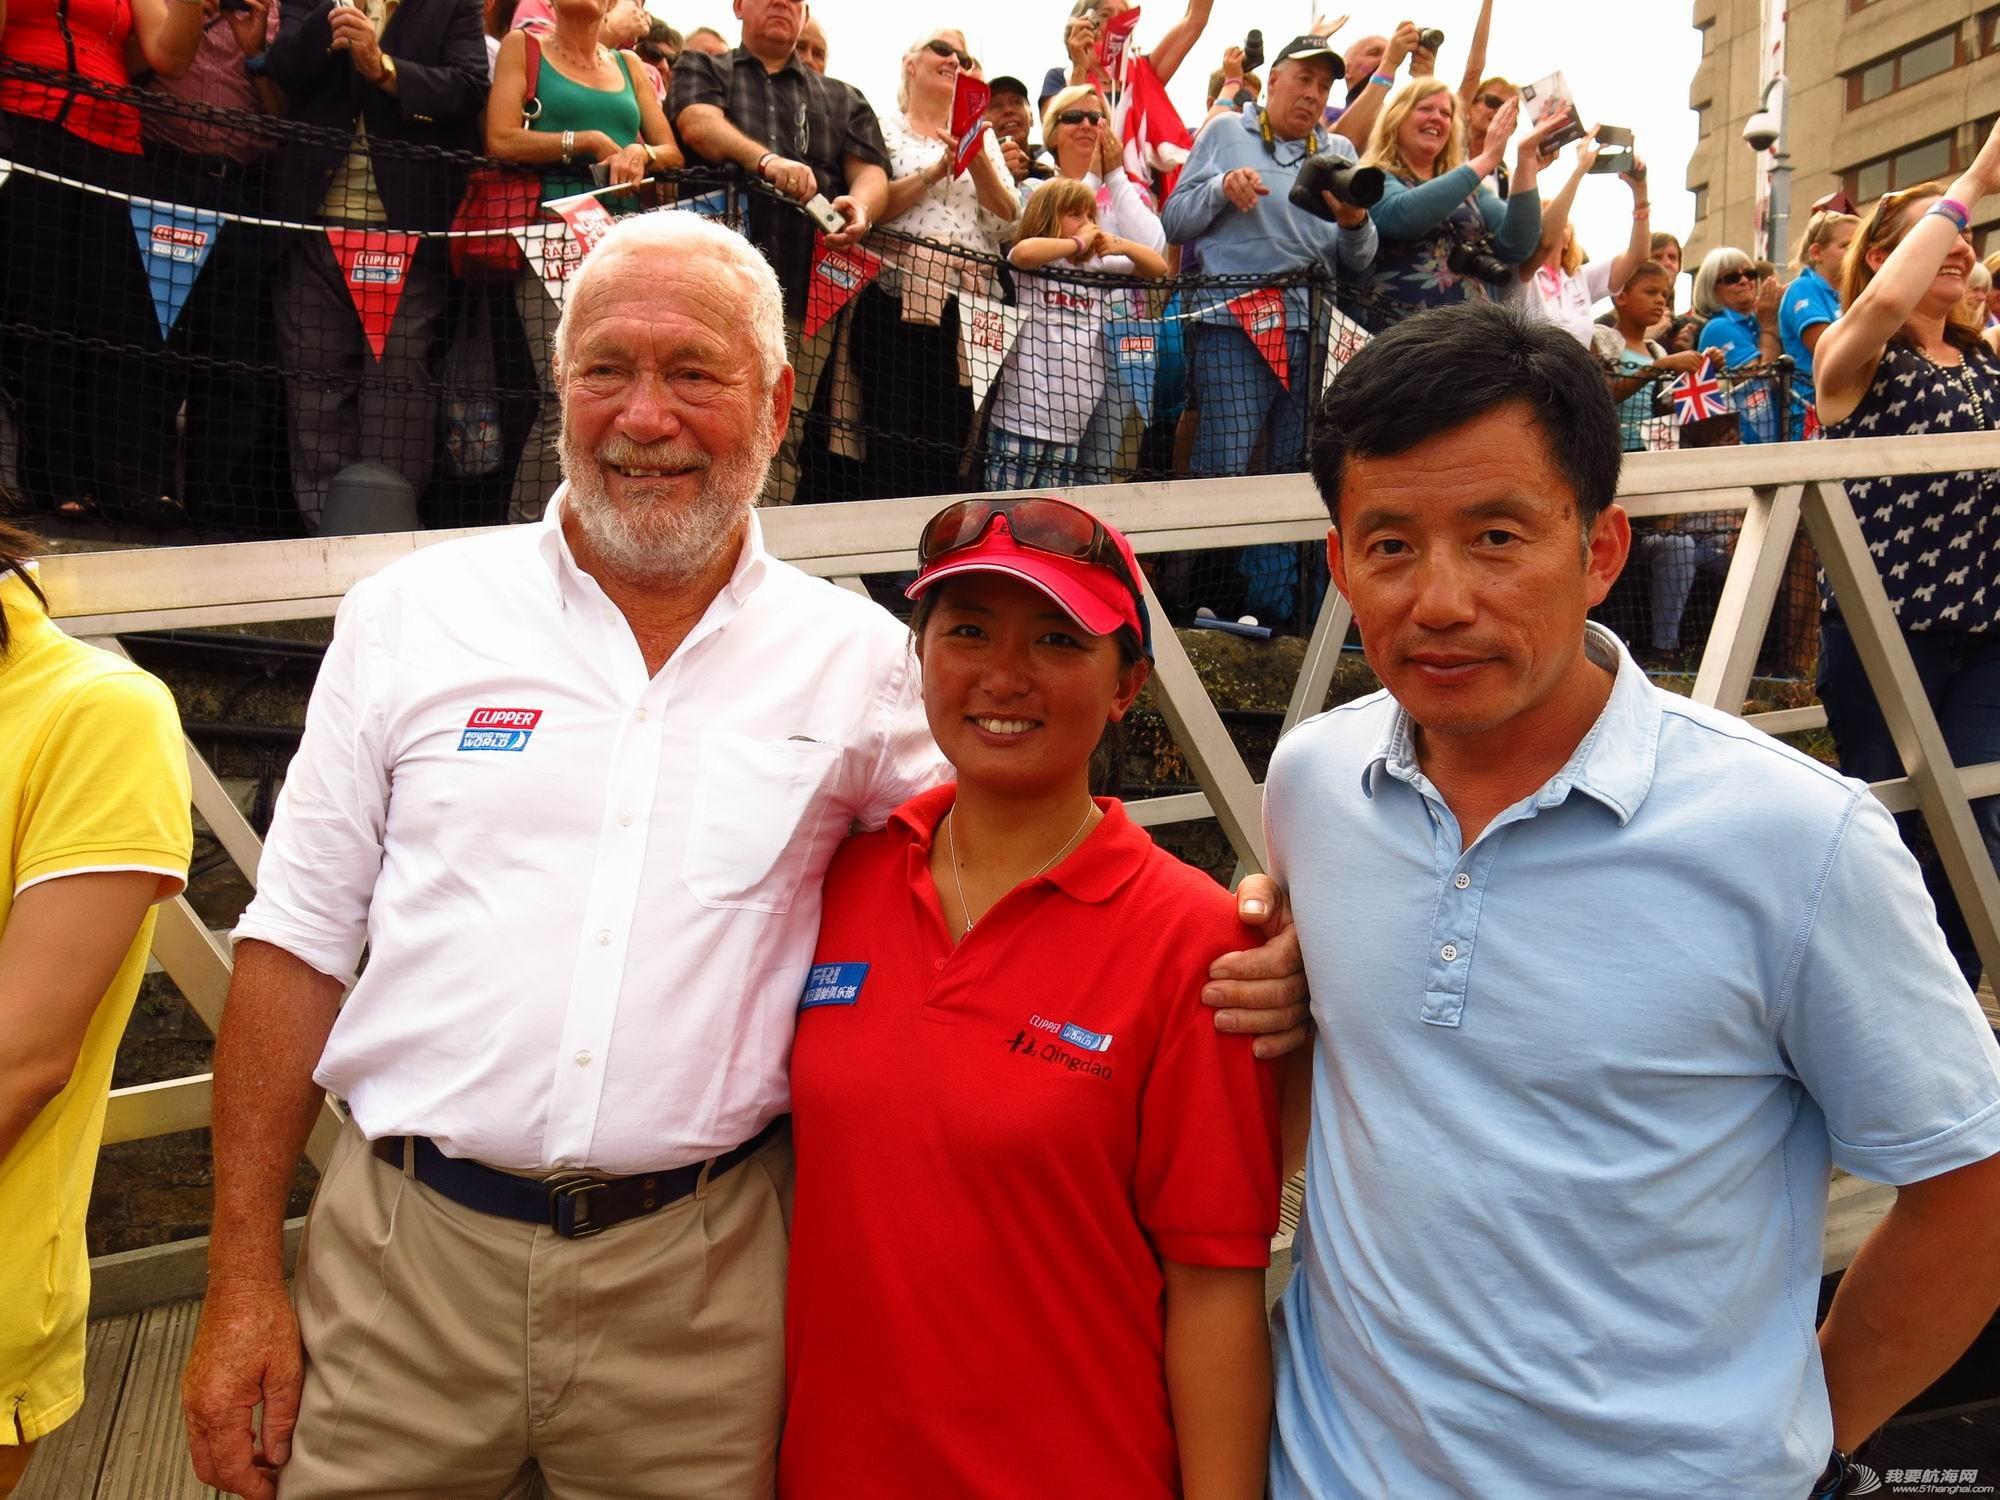 奥运冠军,大不列颠,泰晤士河,航海家,徐莉佳 中国姑娘宋坤顺利完成克利伯环球帆船赛,成为中国第一位完成帆船赛环球航行的女水手。